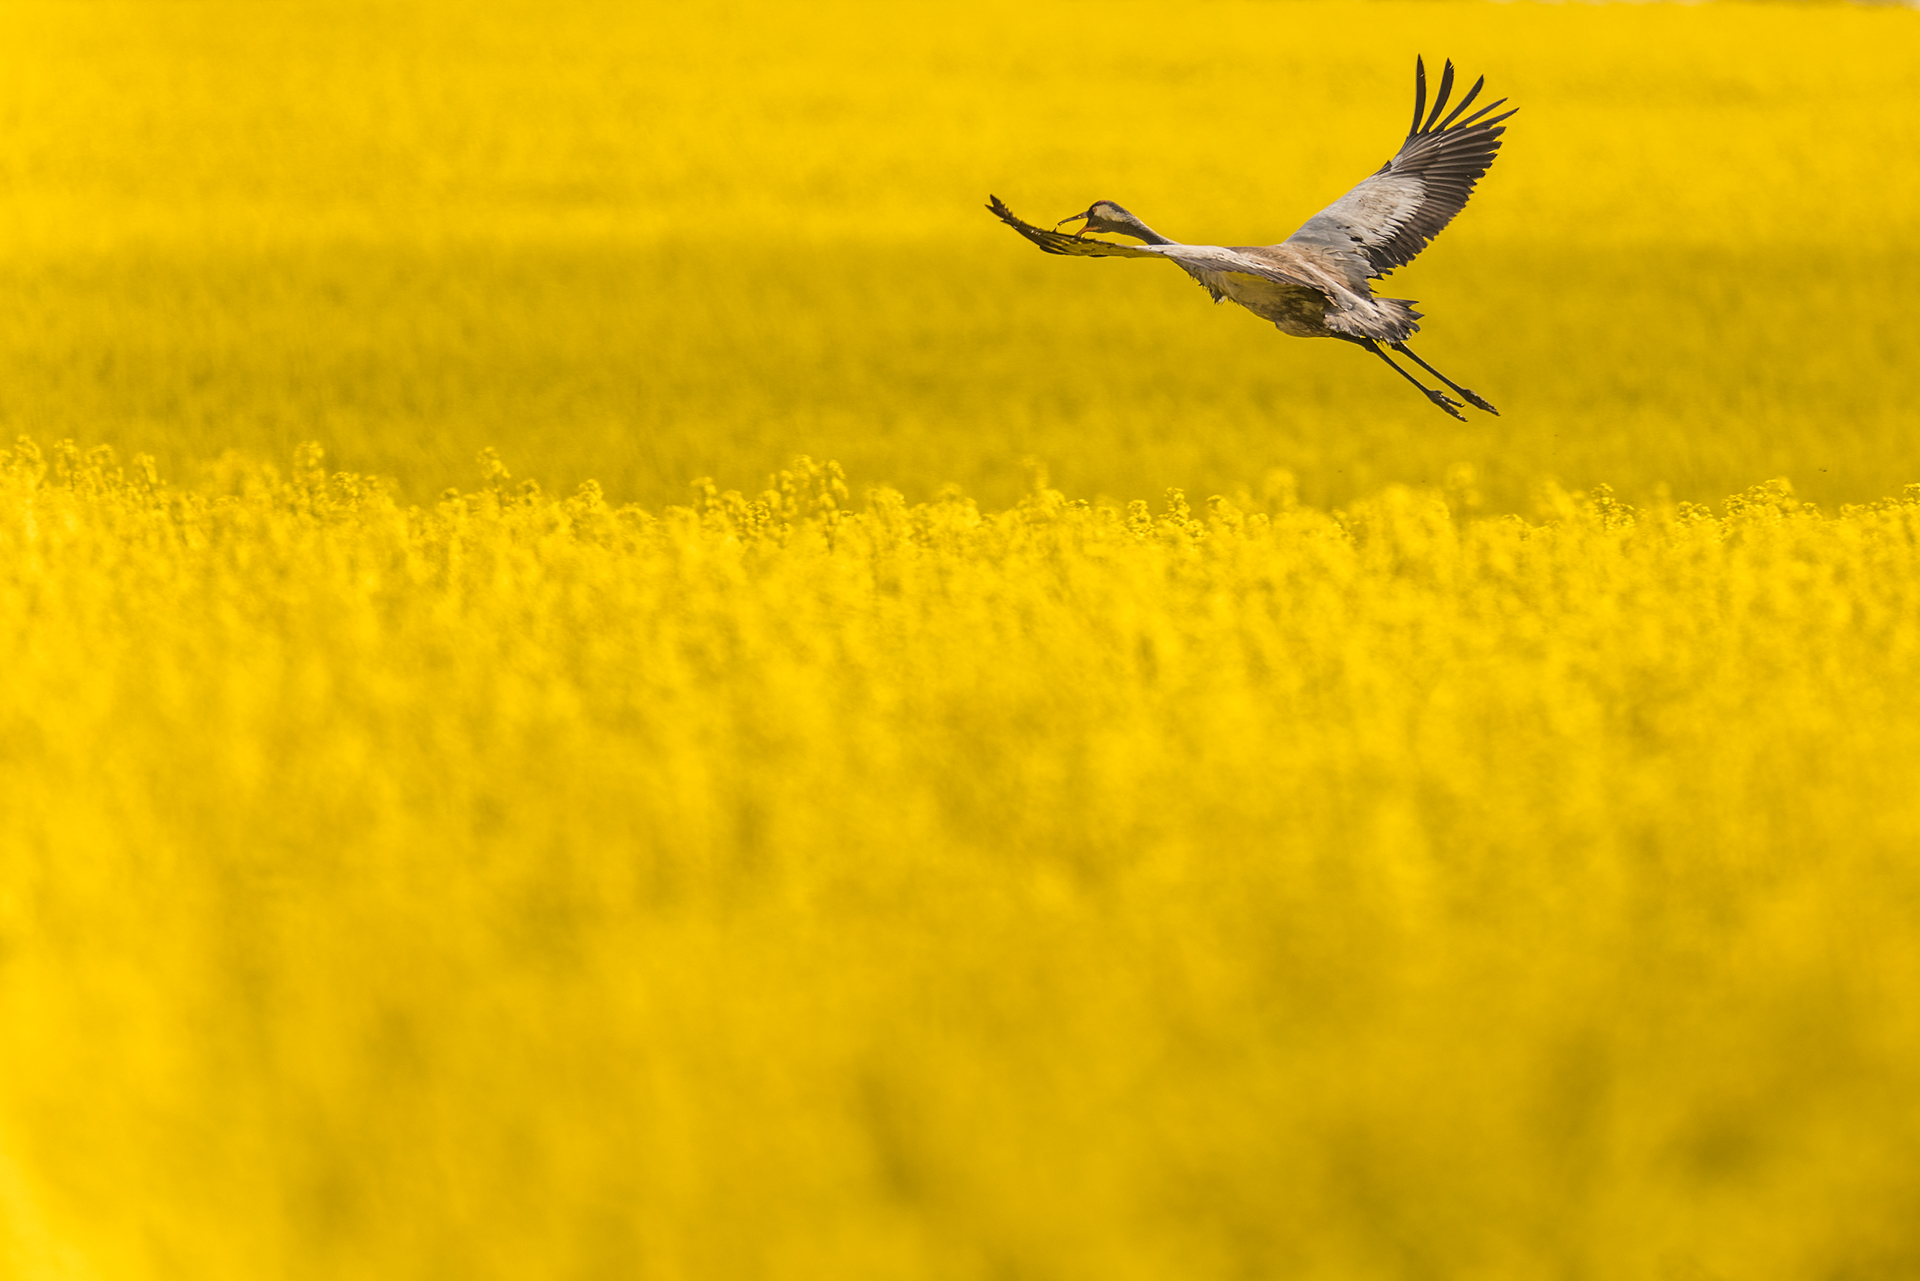 © Robert Sommer